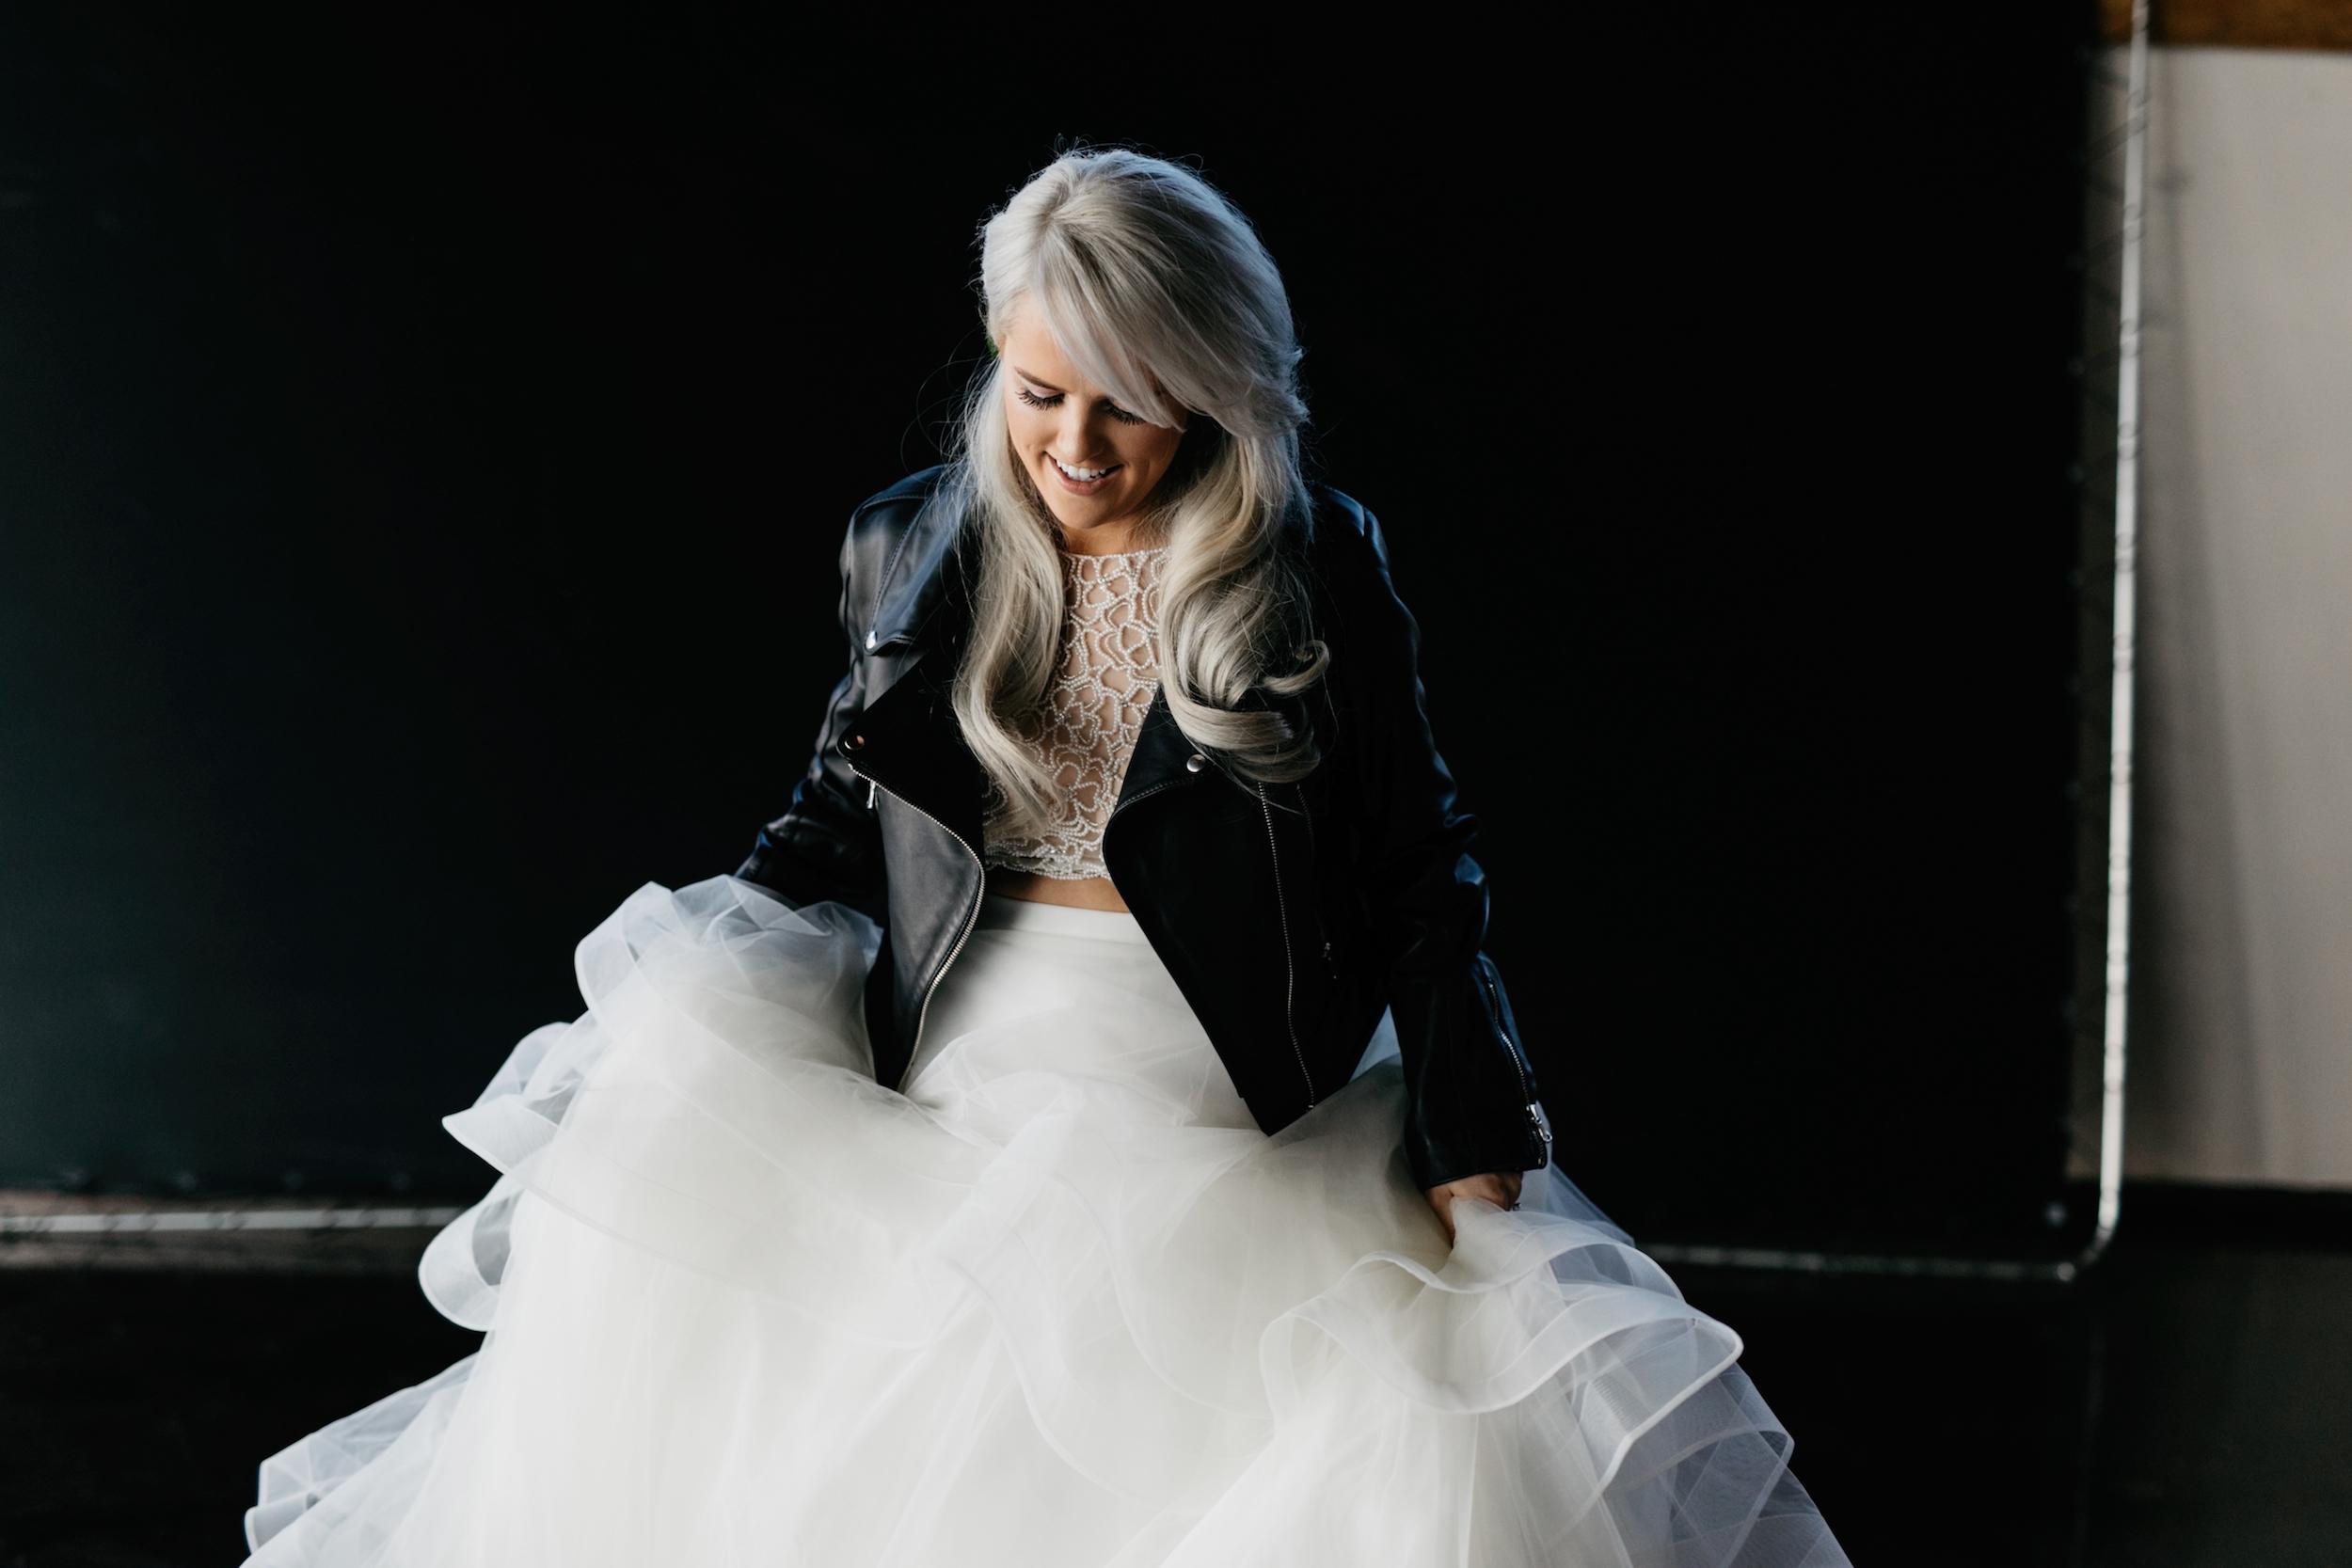 arizona - wedding - photography 01217.jpg